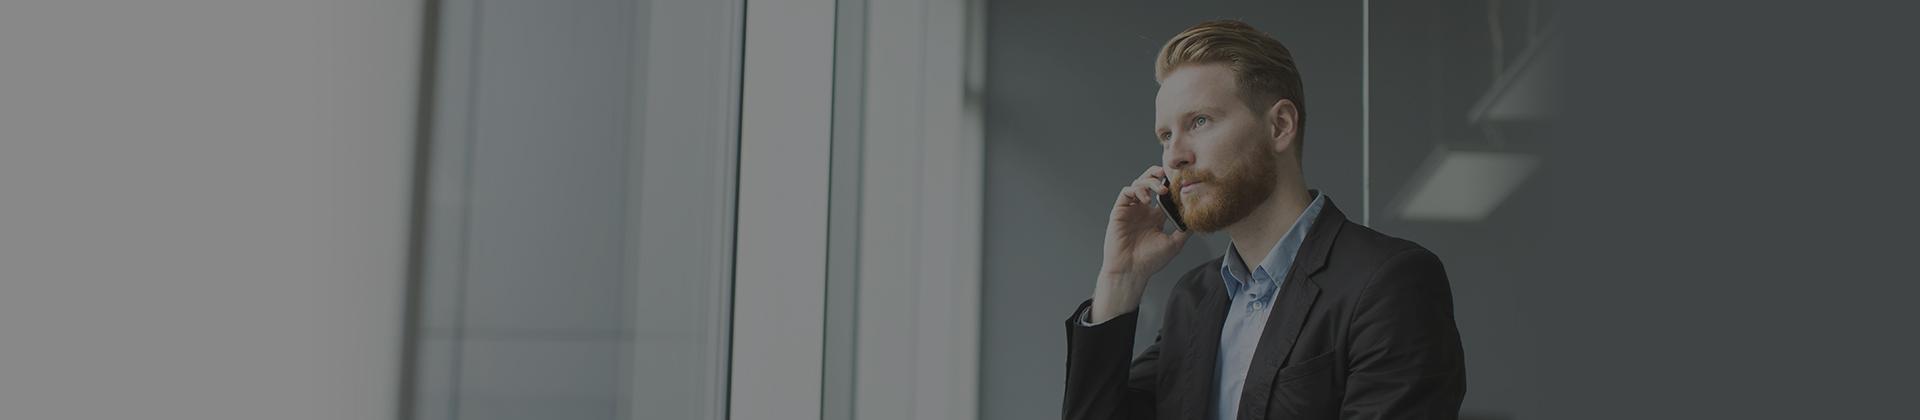 créer - entreprises - GVGM - Comptable - Cabinet - Experts comptables - loire - roanne - pierrelatte - lyon - paris